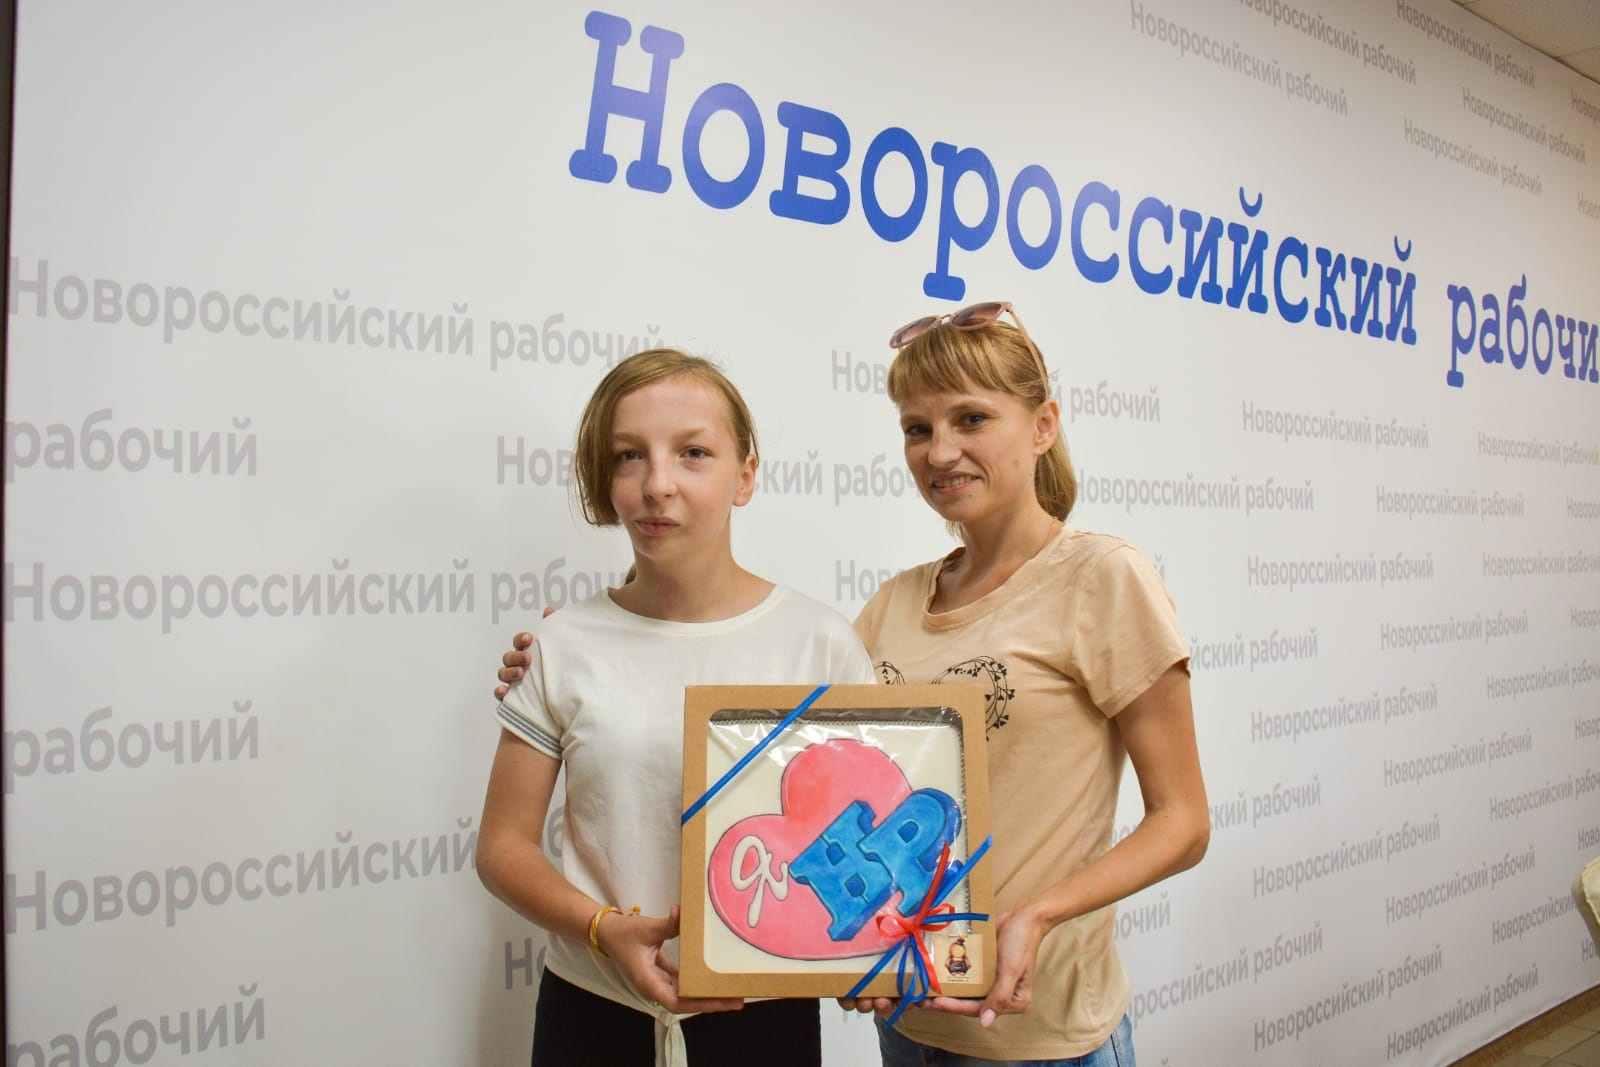 Девочка из Новороссийска, страдающая редким генетическим заболеванием, стала героиней федеральных телеканалов